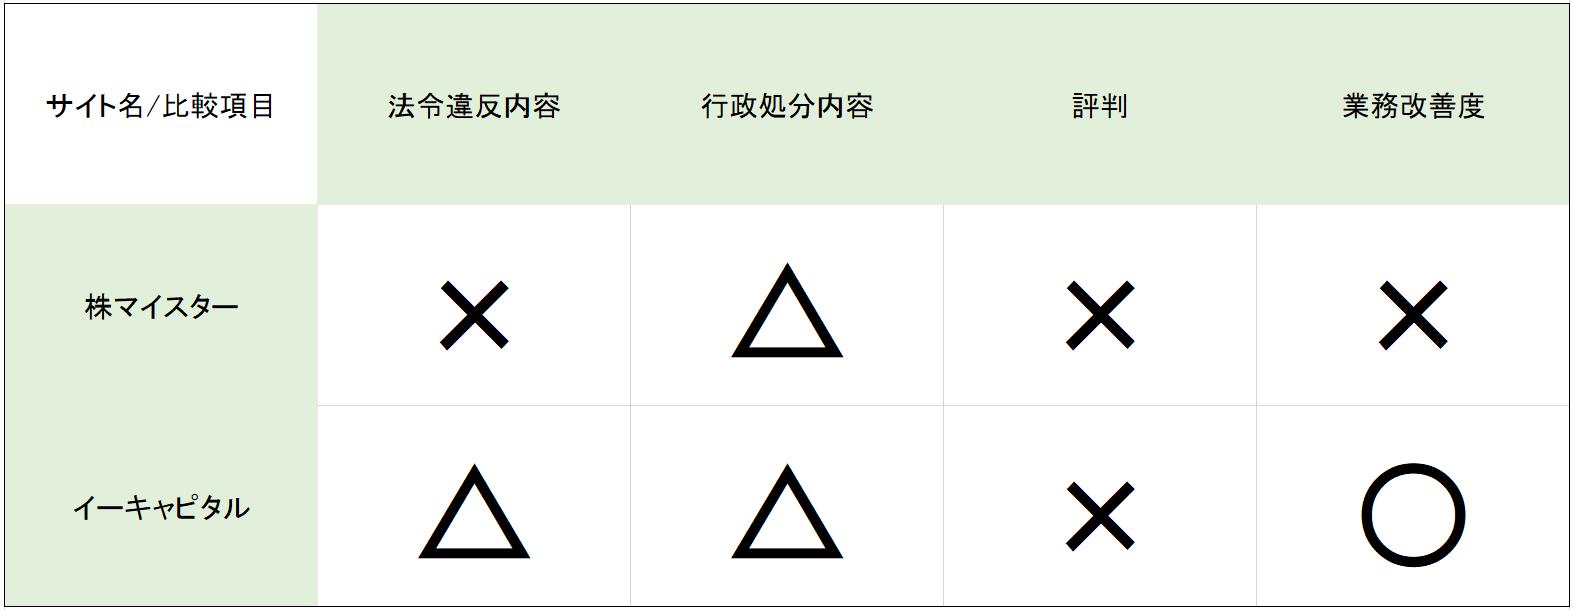 株マイスター VS イーキャピタル